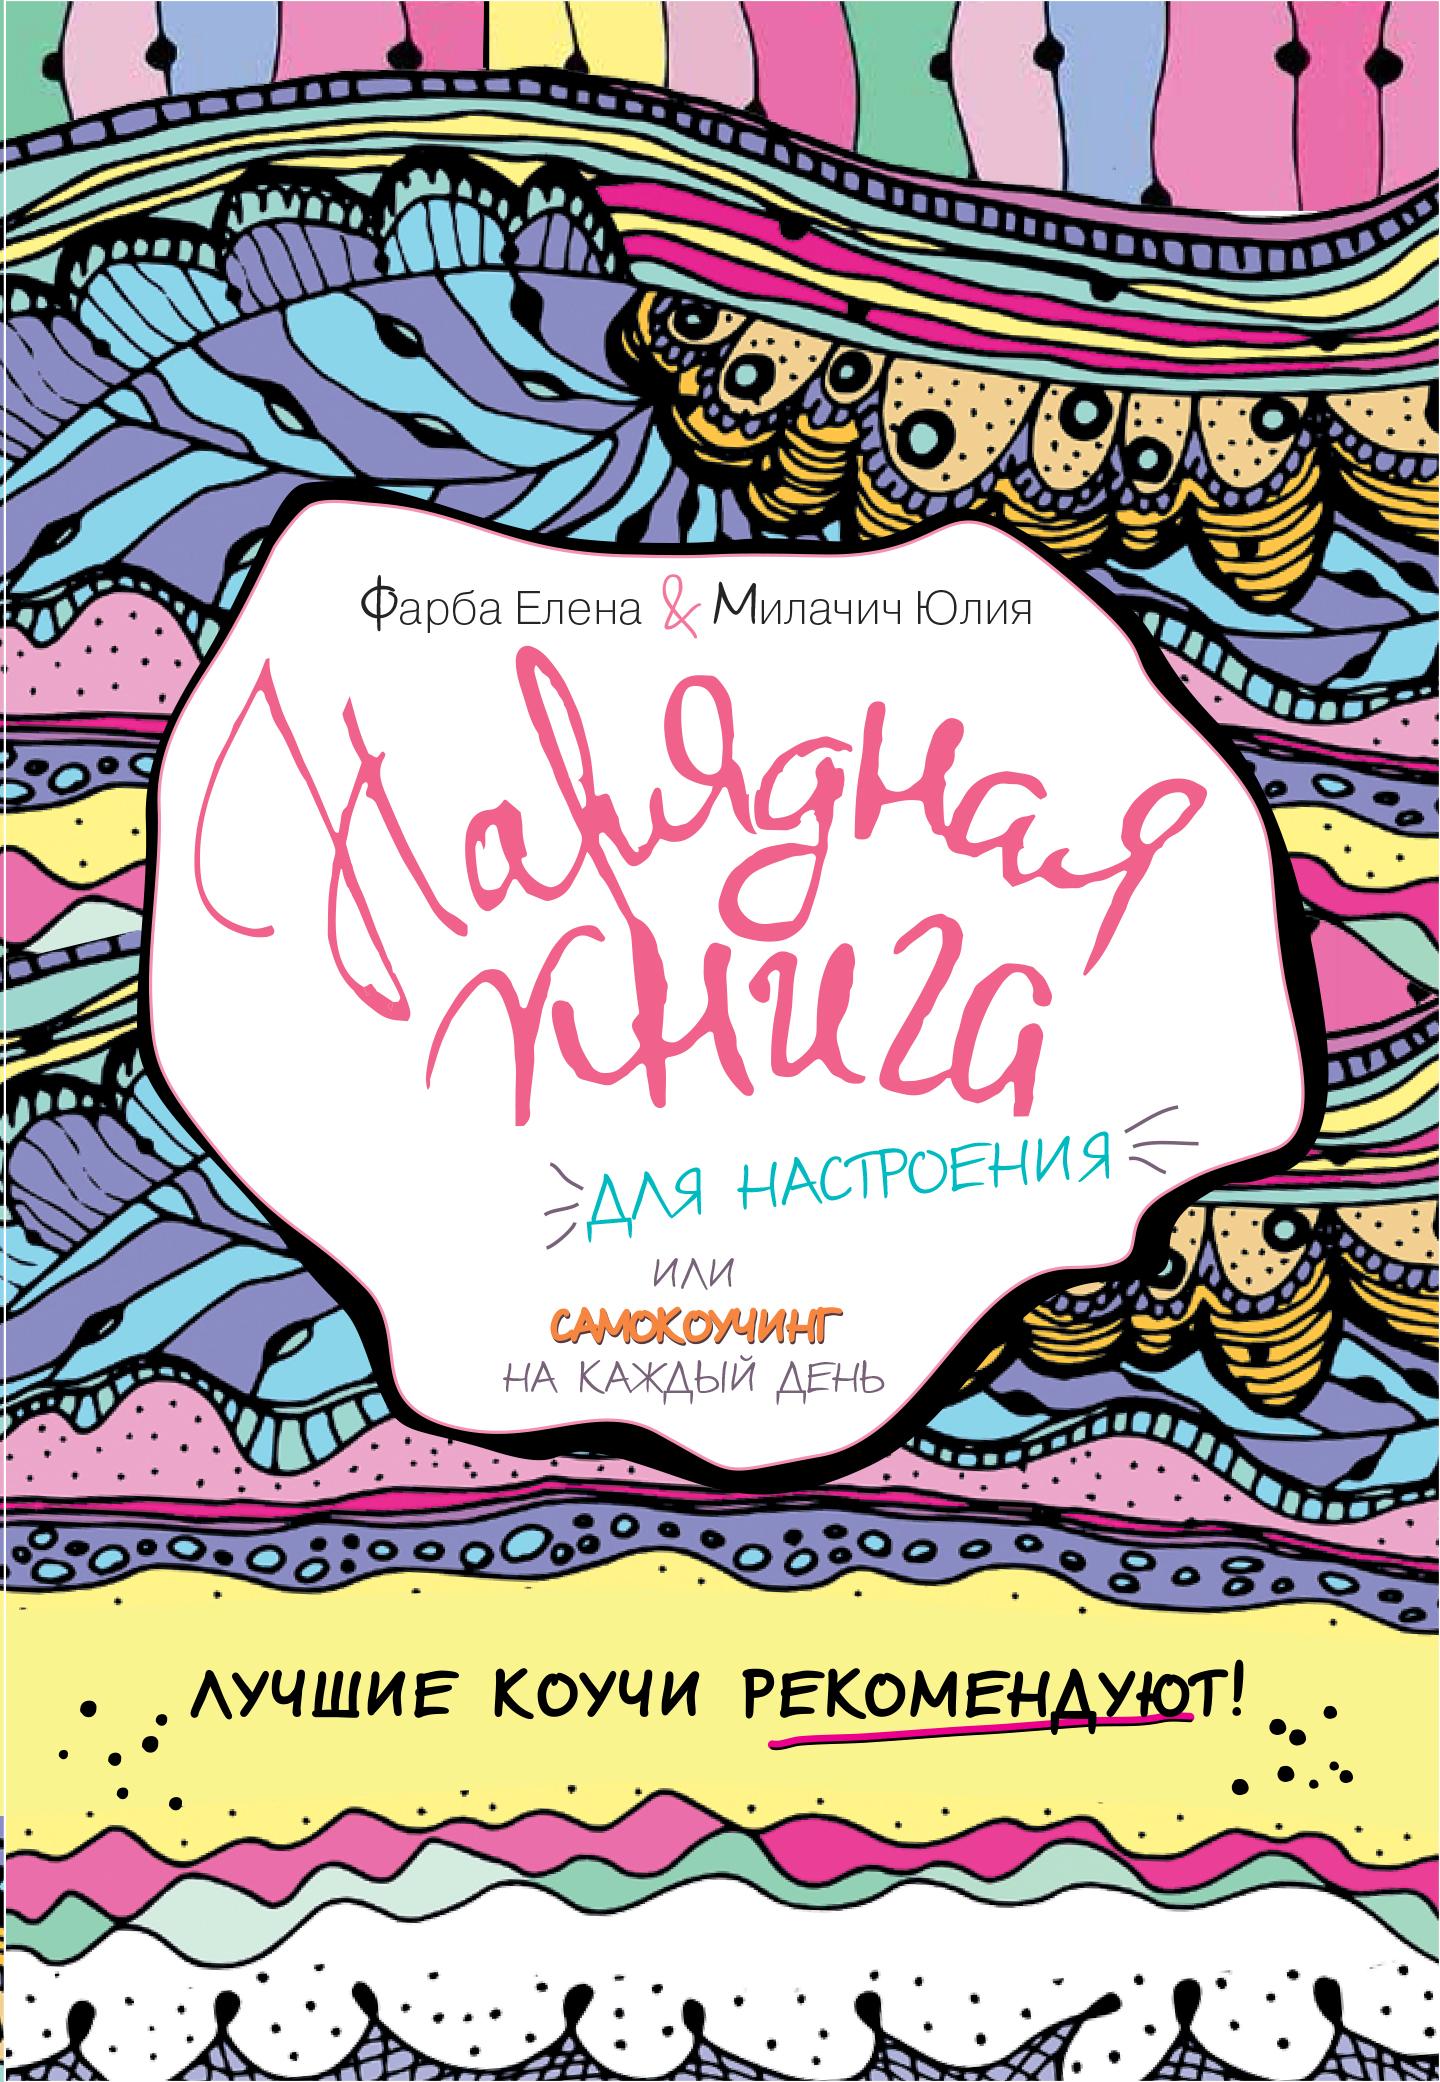 Фарба Елена Олеговна, Милачич Ю. Нарядная книга для настроения, или самокоучинг на каждый день